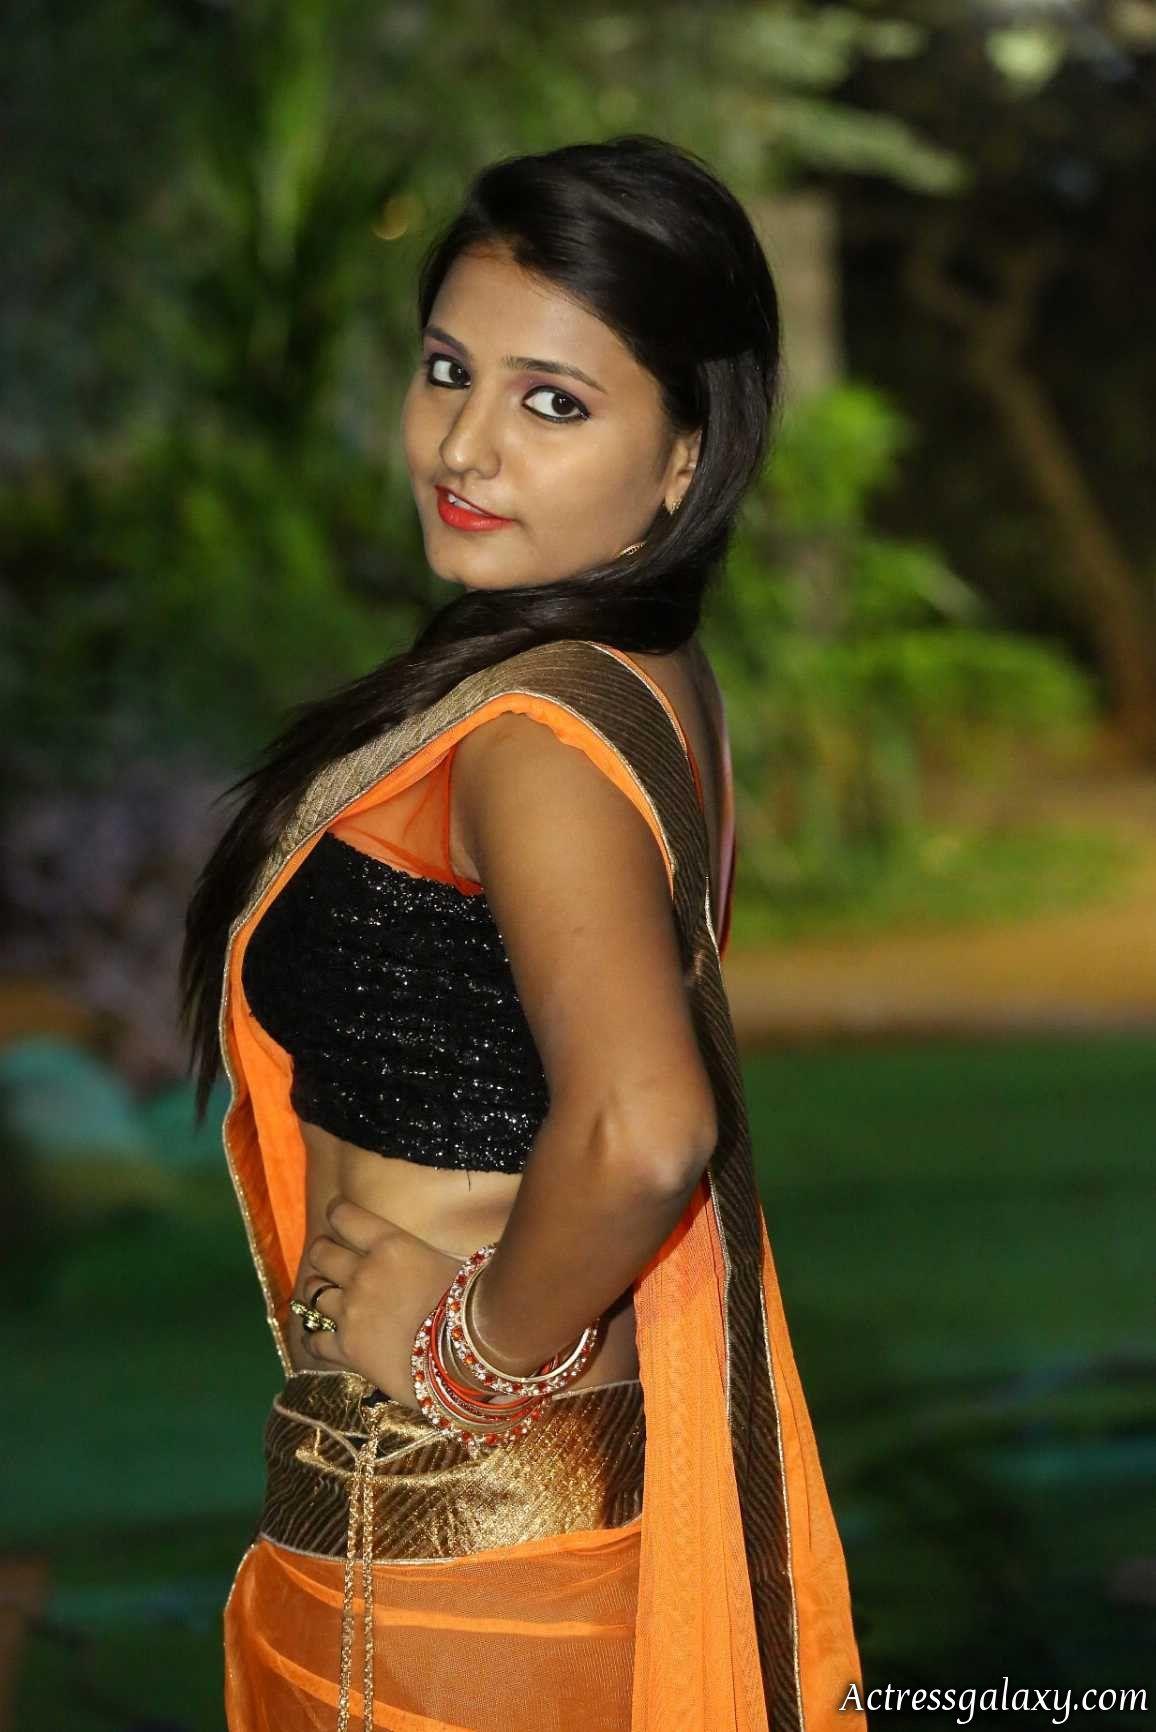 http://worldslargestboobs.blogspot.com/2014/11/bengali-actress ...